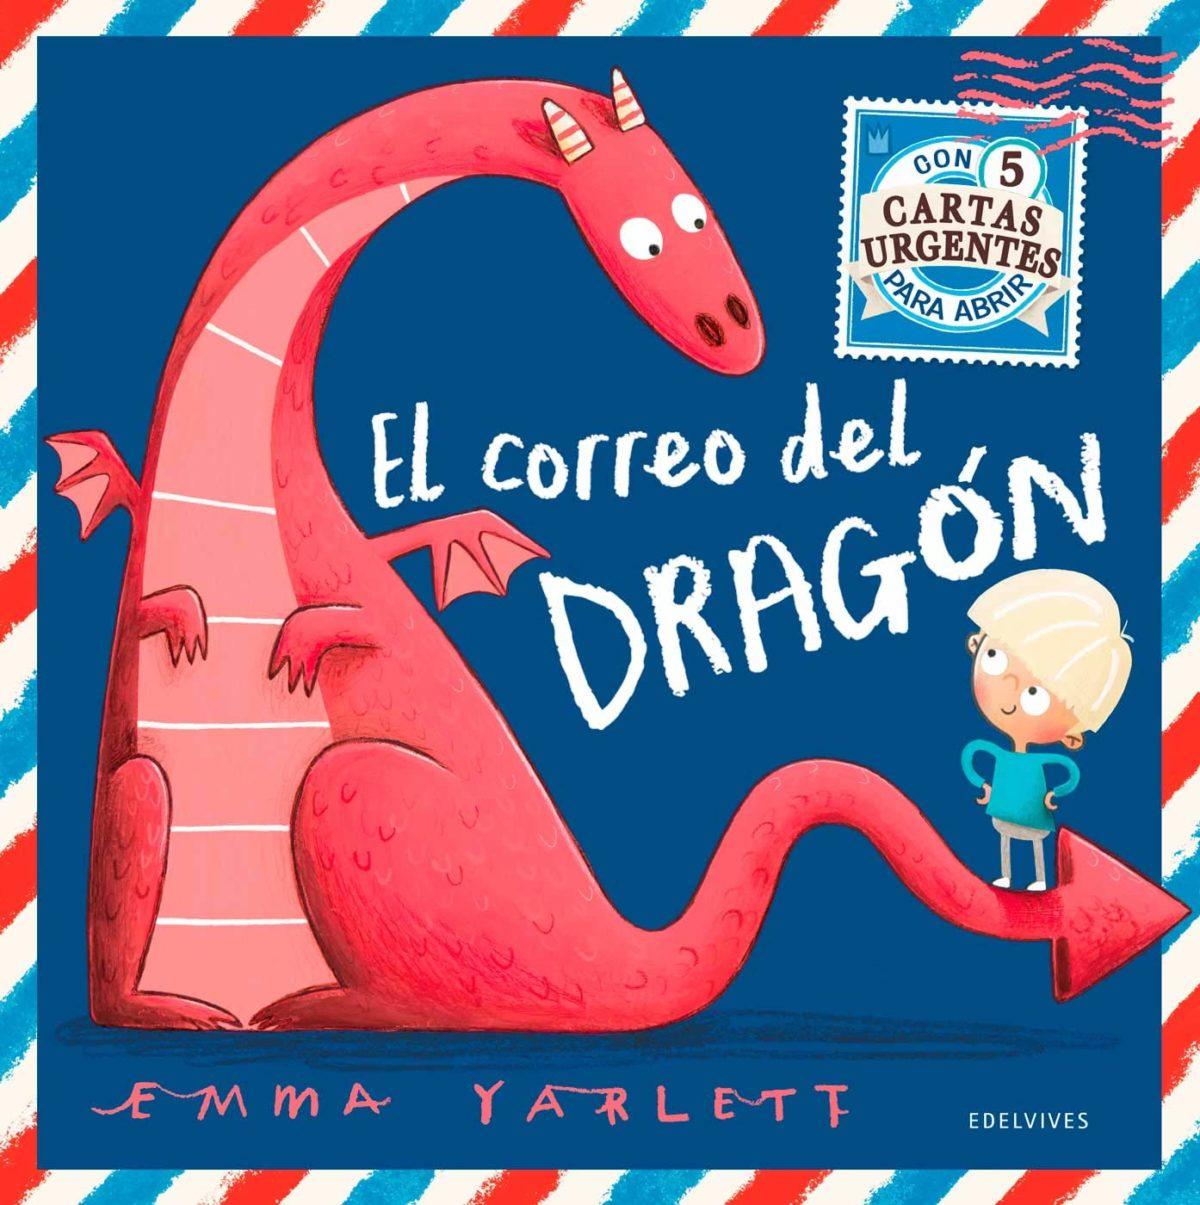 El correo del dragón (Álbumes ilustrados) (Español) Tapa dura